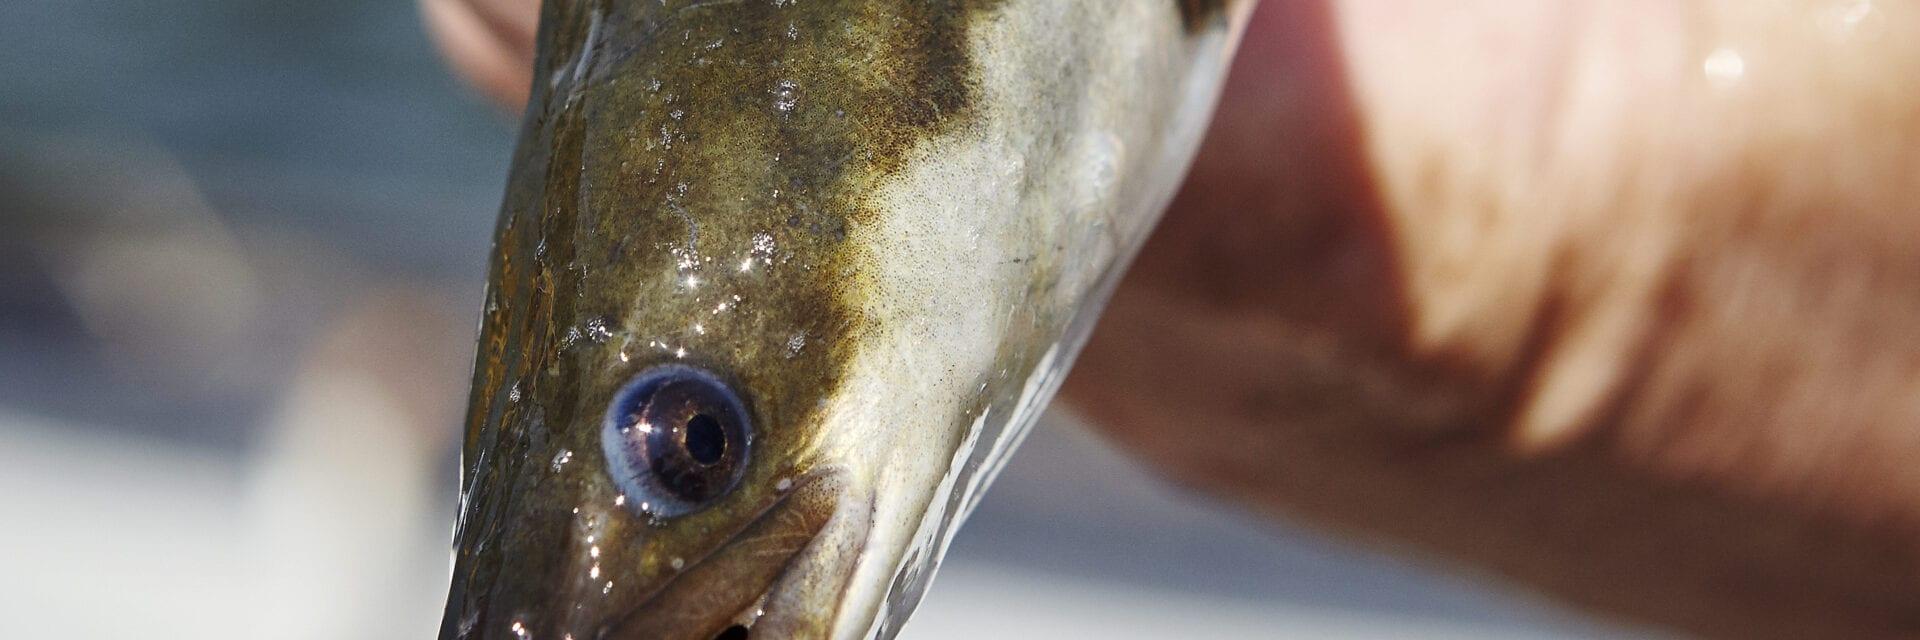 Vis uit het gebied van de Vismigratierivier. Wij kijken recht tegen de vis aan. Wij zien alleen zijn kop en oog. Iemand heeft de vis in een hand.